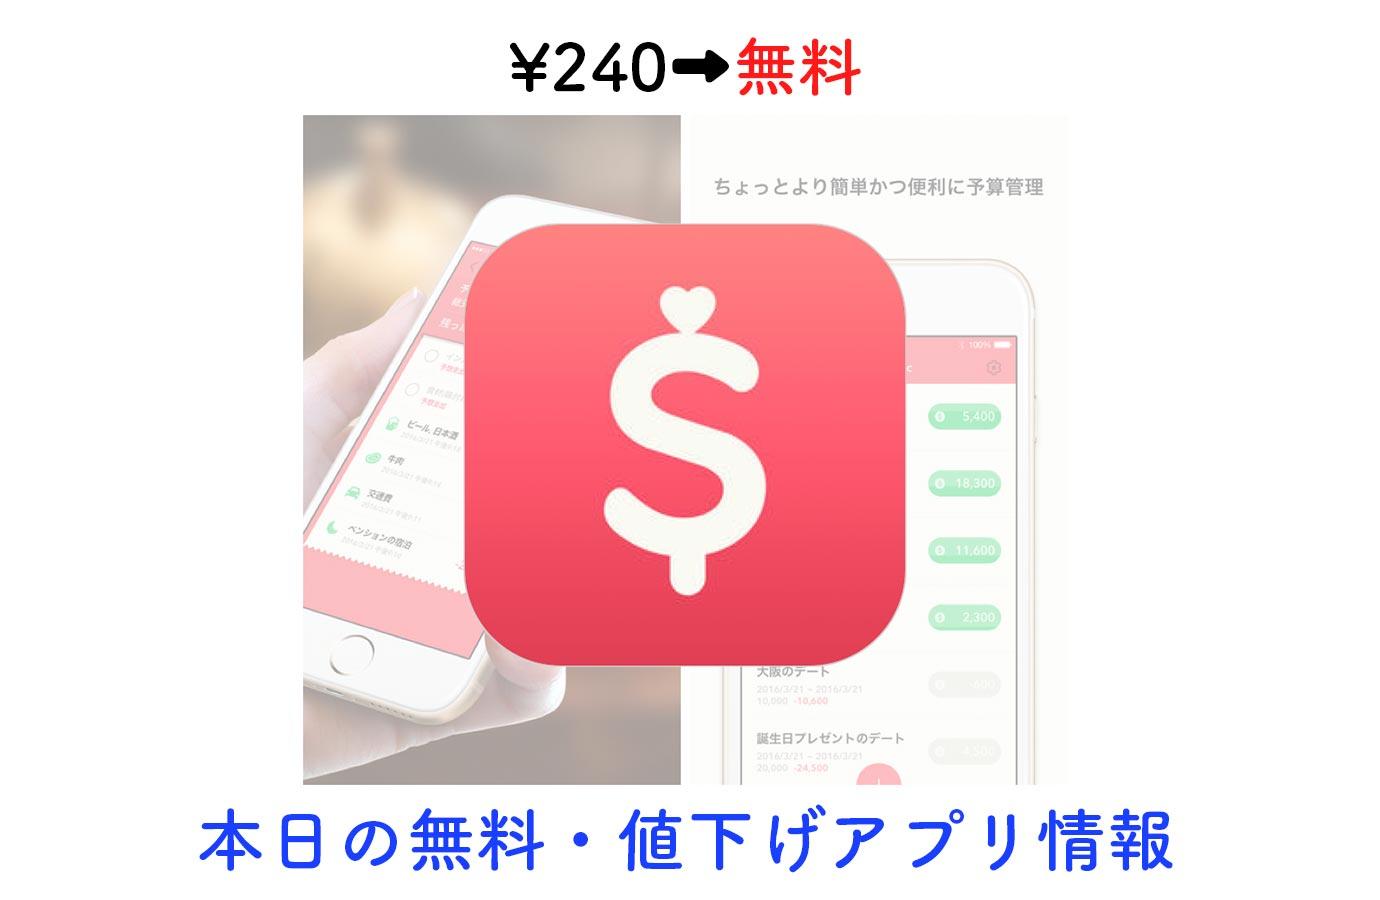 ¥240→無料、予算を決めて支出を管理できる家計簿アプリ「ミニバジェット Pro」など【11/18】本日の無料・値下げアプリ情報